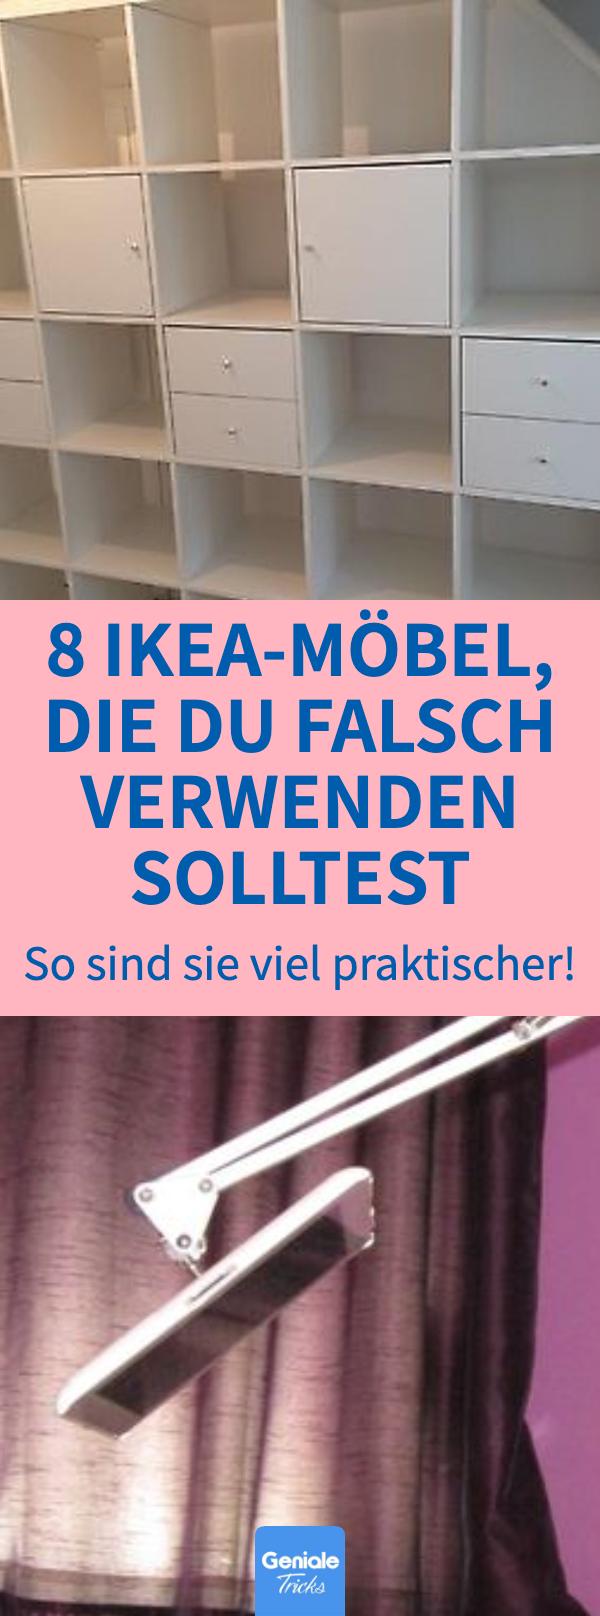 Photo of 8 Ikea-Möbel, die du falsch verwenden solltest